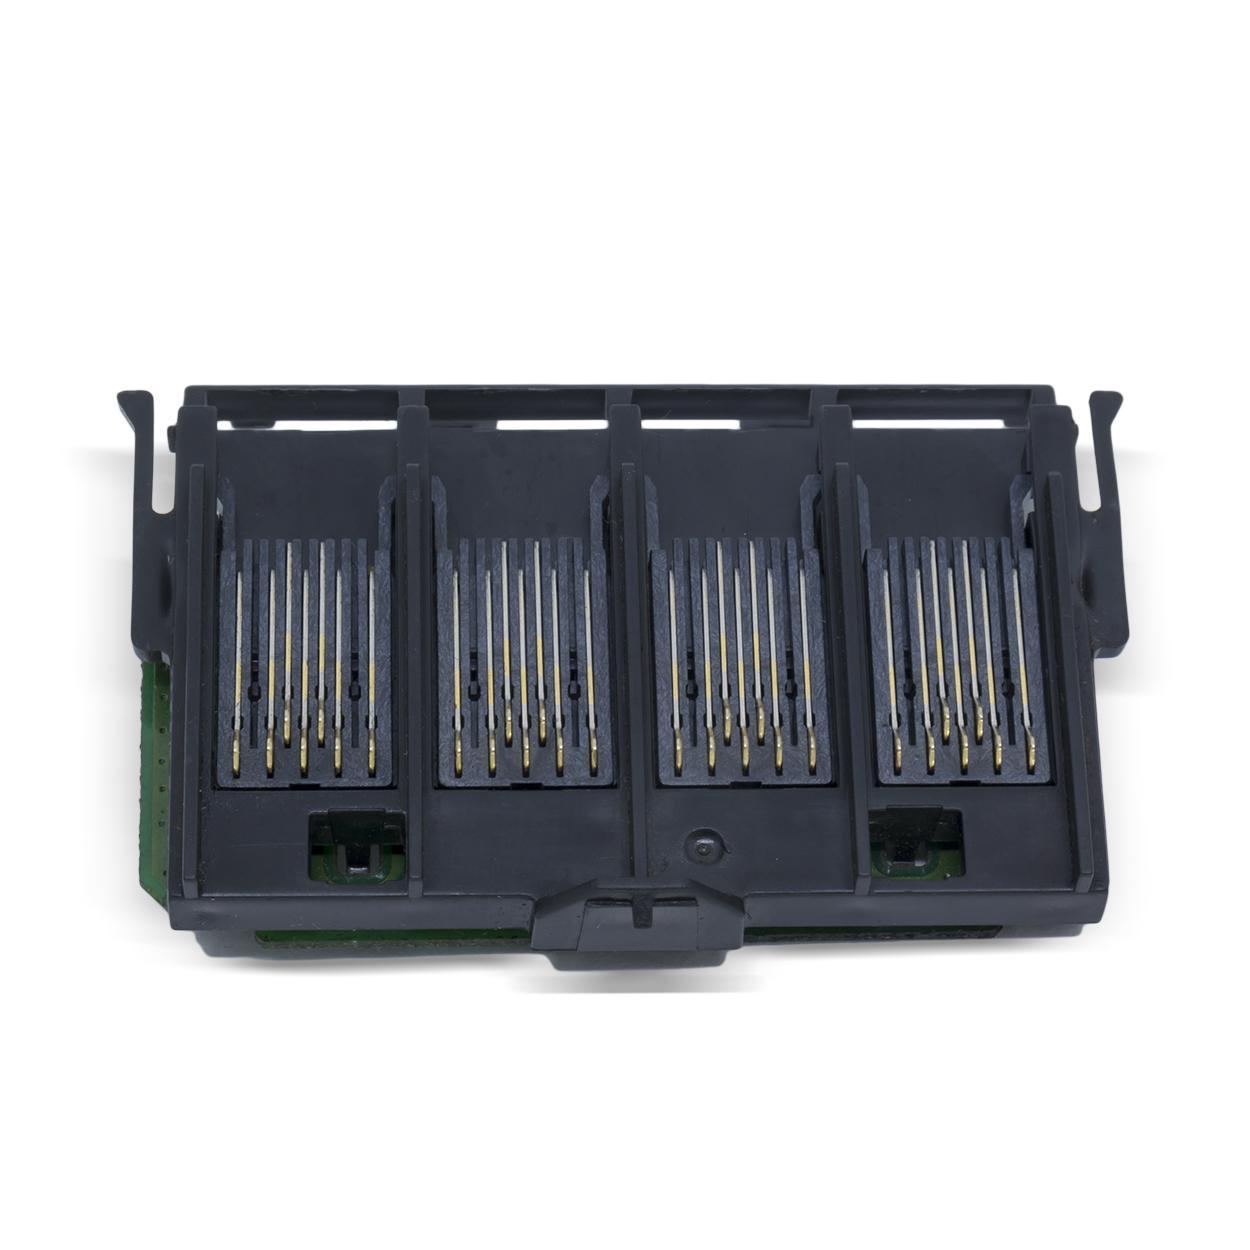 Placa + Suporte com Contatos da Epson T22, T25, TX120, TX123, TX125, TX130, TX133 e TX135